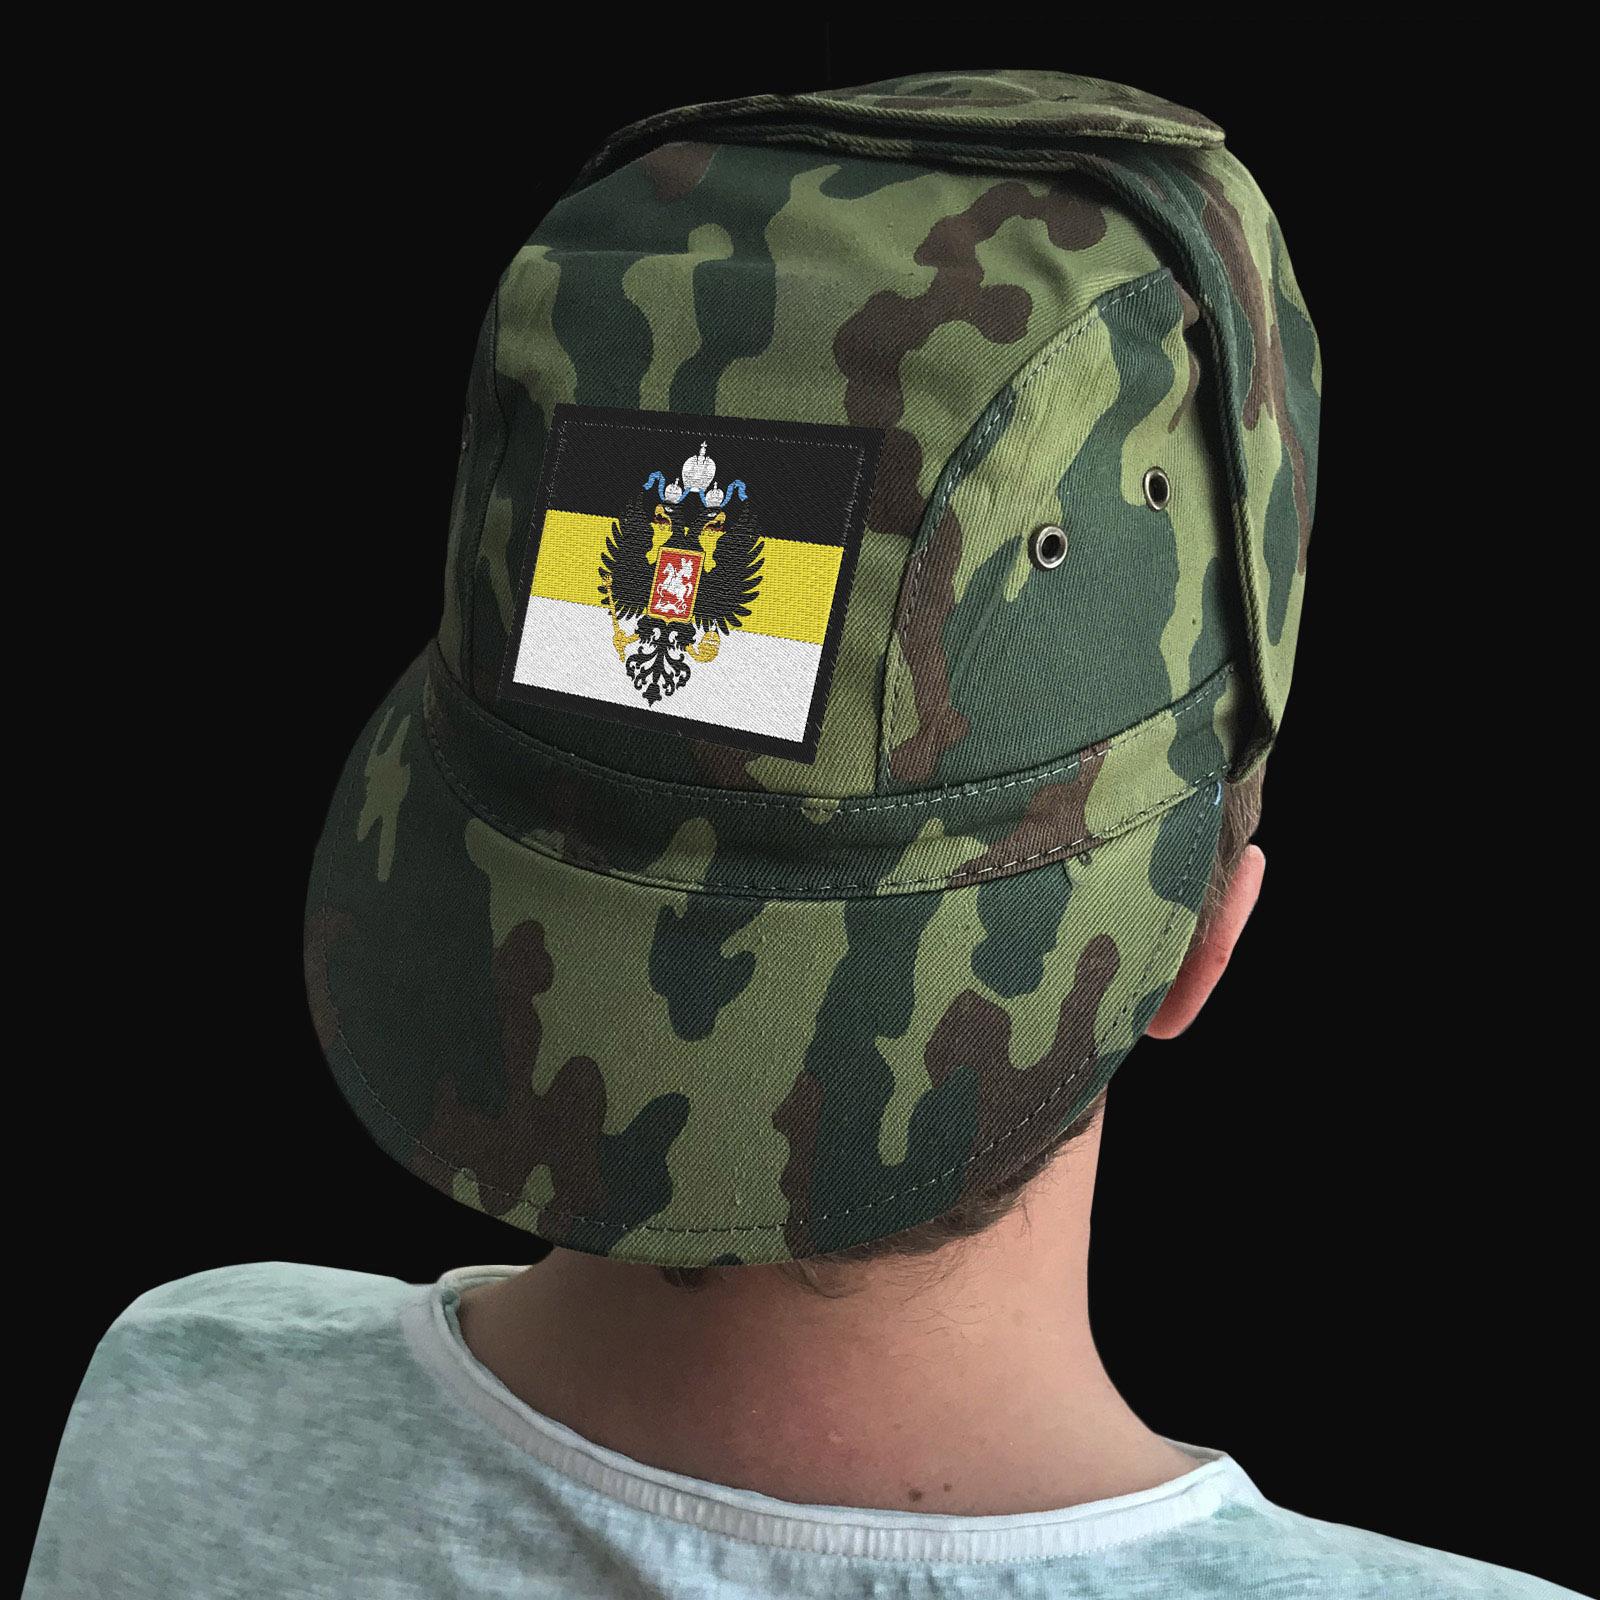 Купить в интернет магазине кепку в имперском дизайне